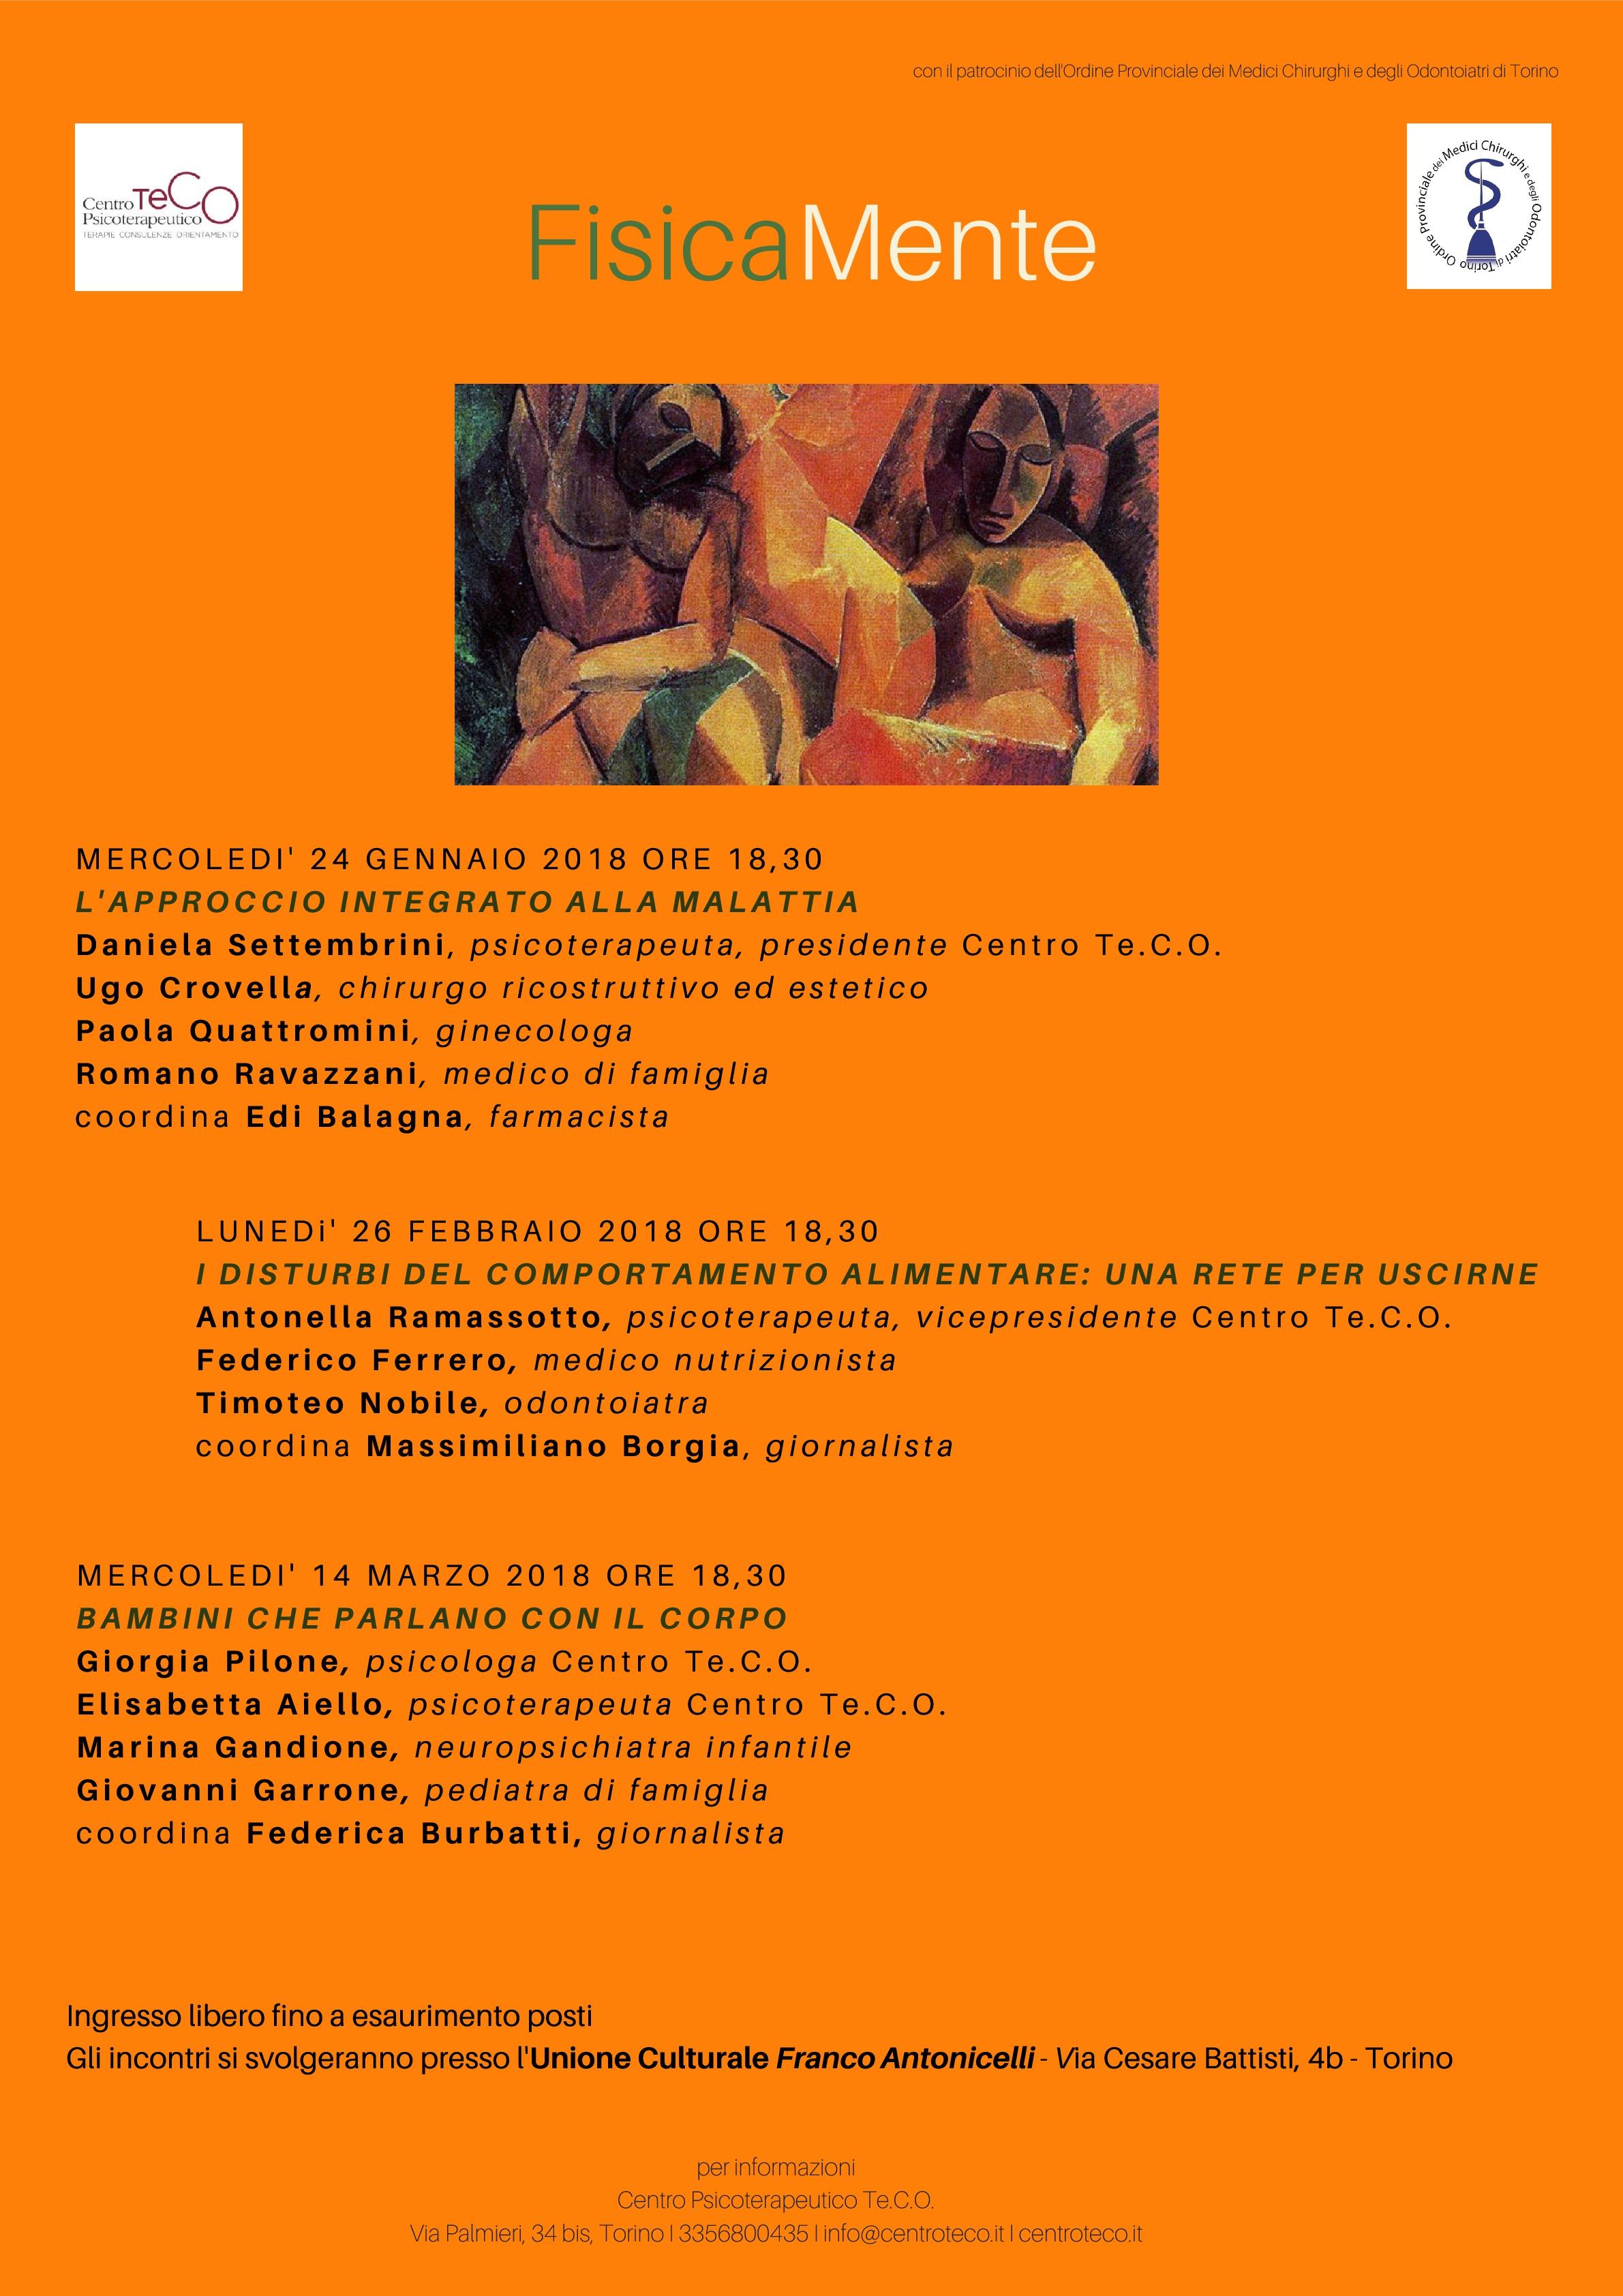 Fisicamente_2018 arancione versione DEFINITIVA-001